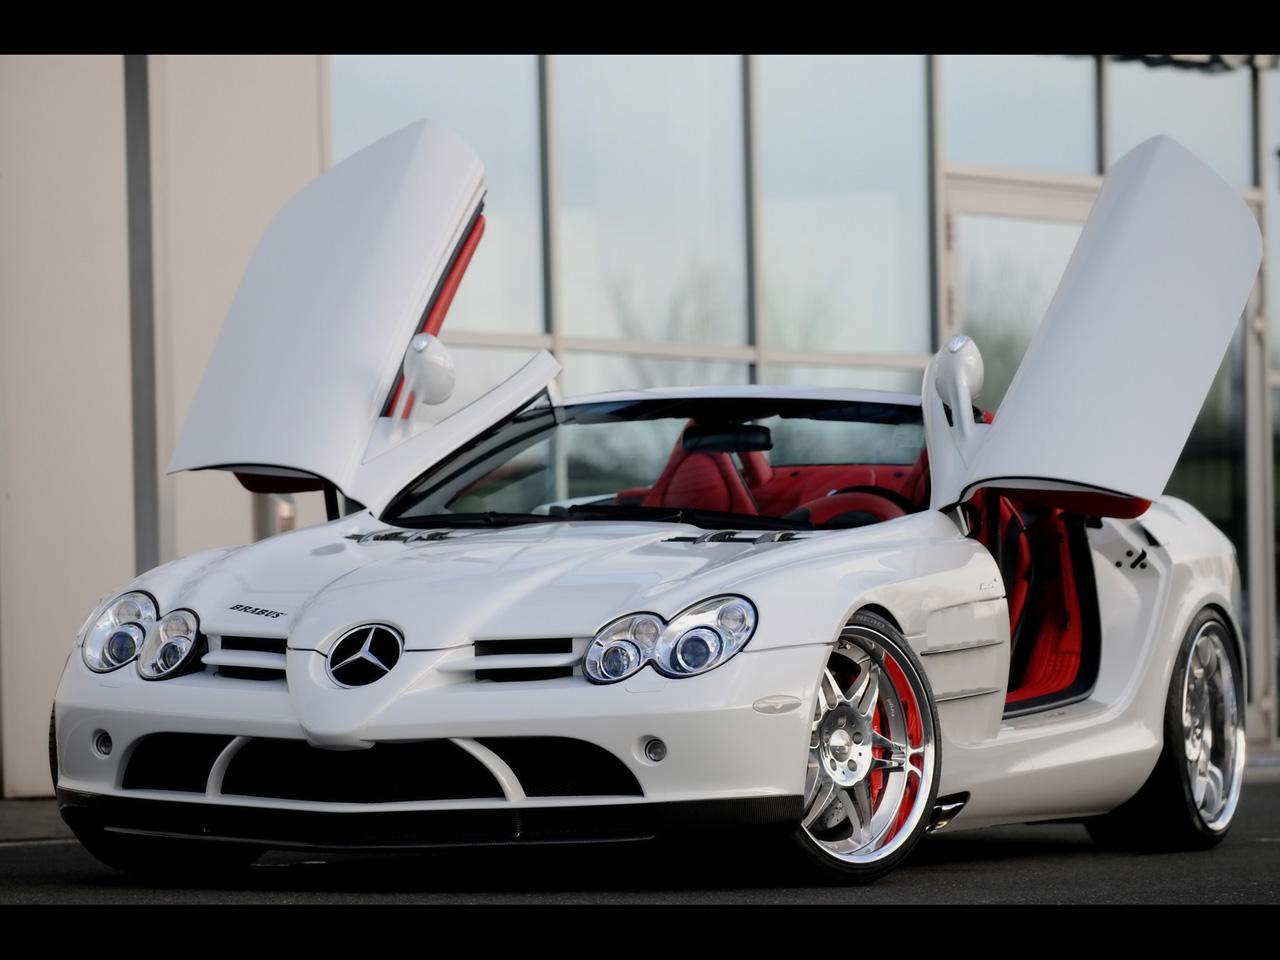 MercedesBenz SLR McLaren White